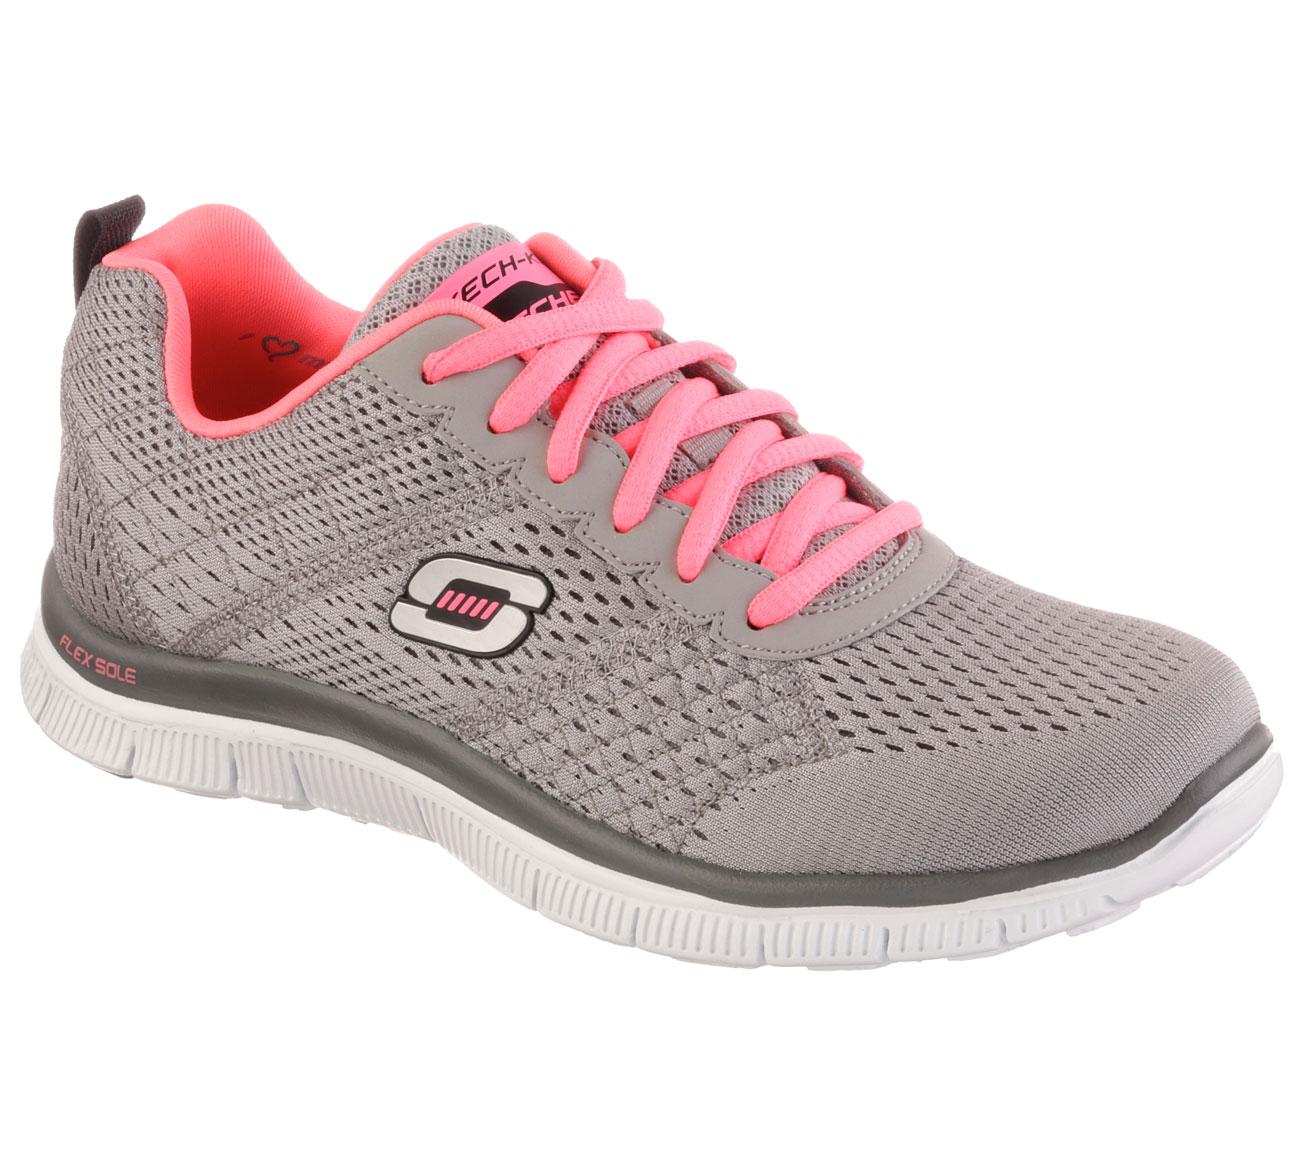 f2d3b4c01568 Egyedi szagsemlegesítő technikával teszi ideálissá számunkra a testmozgást,  ezért is kapta a lélegző cipő nevet. A SKECHERS ténylegesen egy olyan  innovatív ...